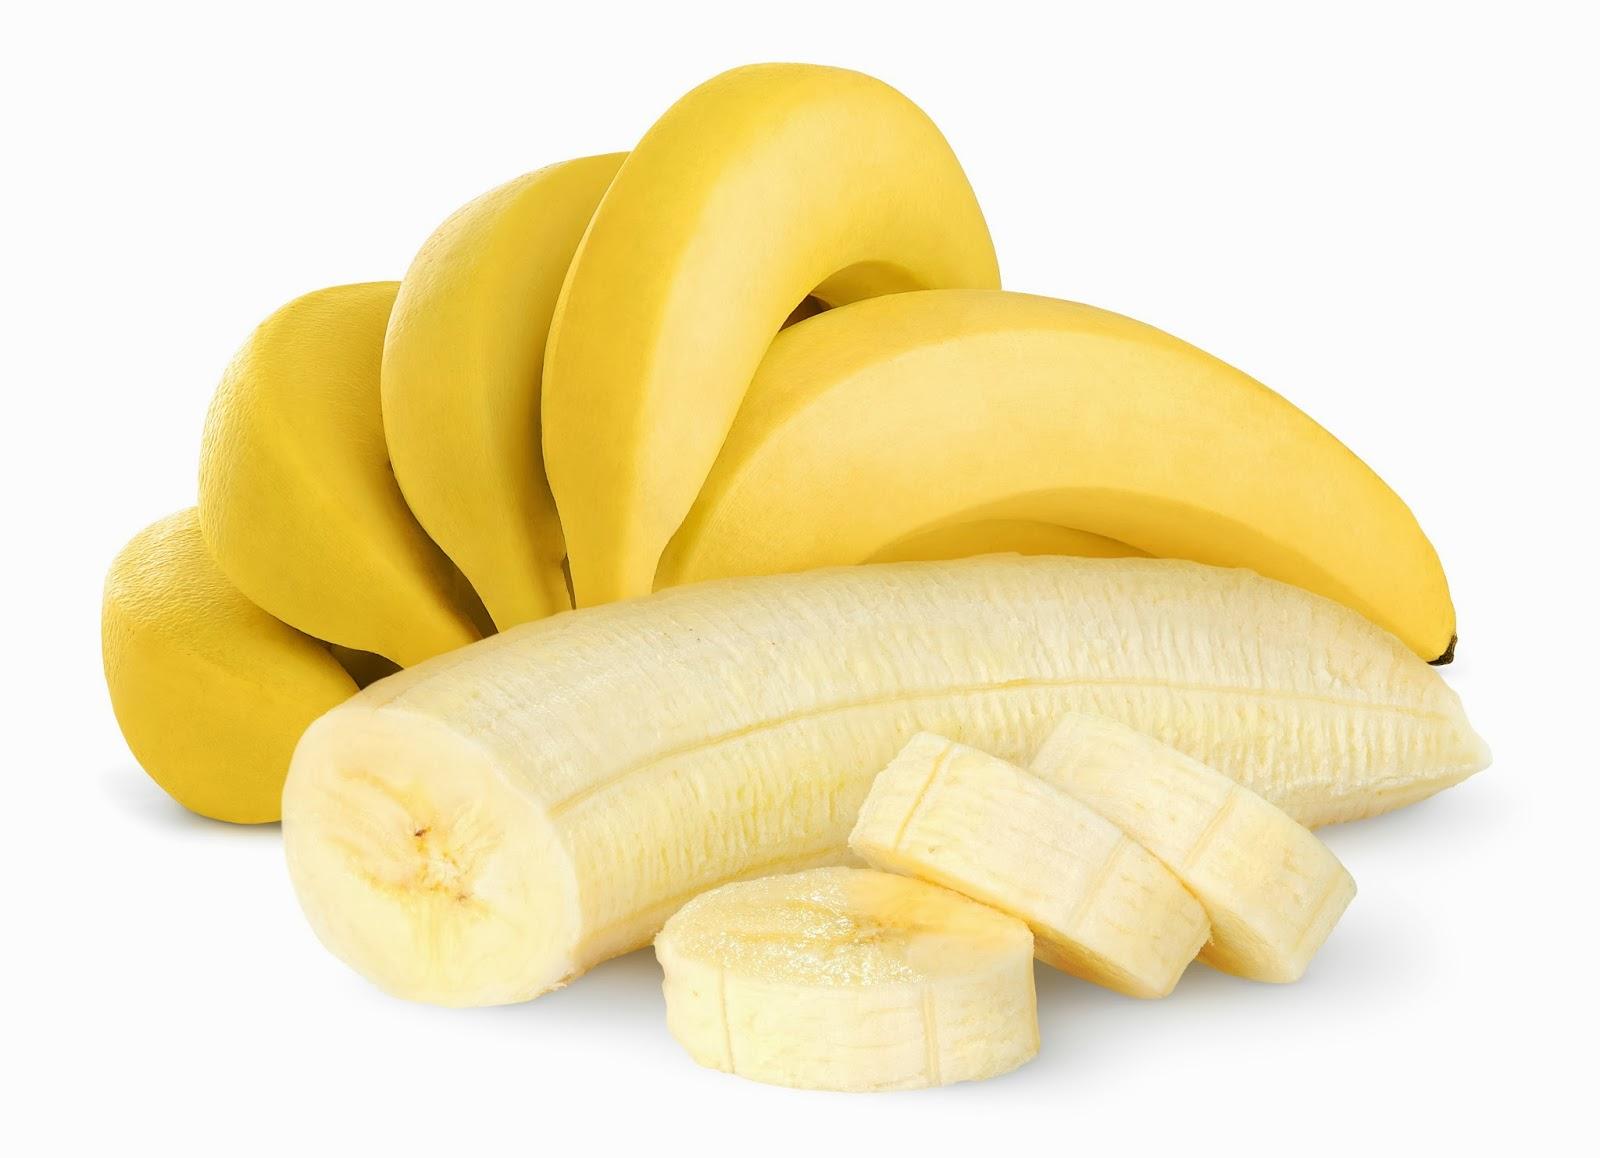 Chuối là trái cây chứa nhiều vitamin B6, mangan, vitamin C, chất xơ, kali và biotin.  Ảnh minh họa